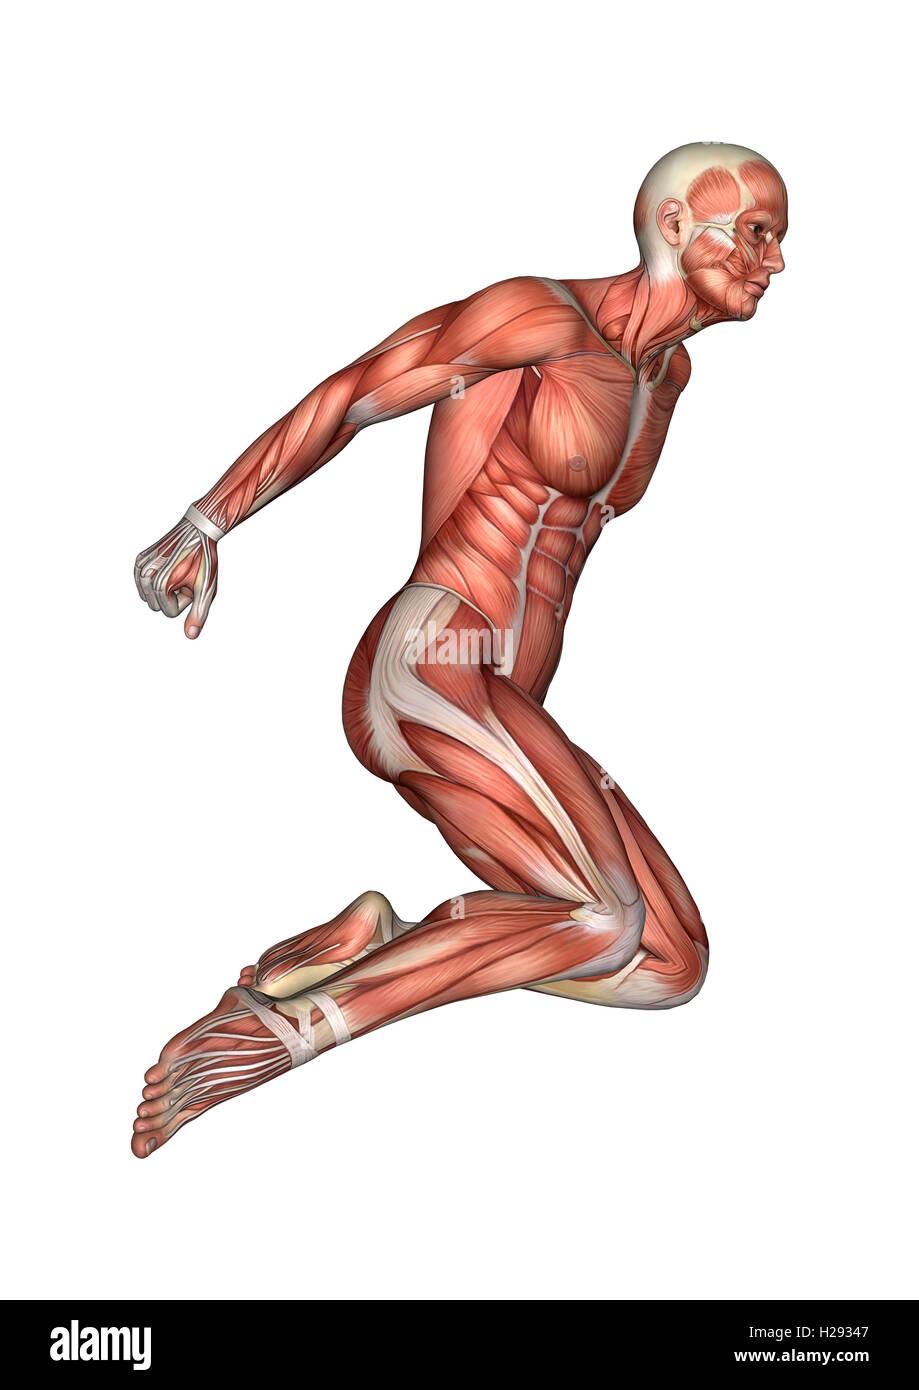 Perfecto Anatomía Masculina En Corona Imágenes - Imágenes de ...